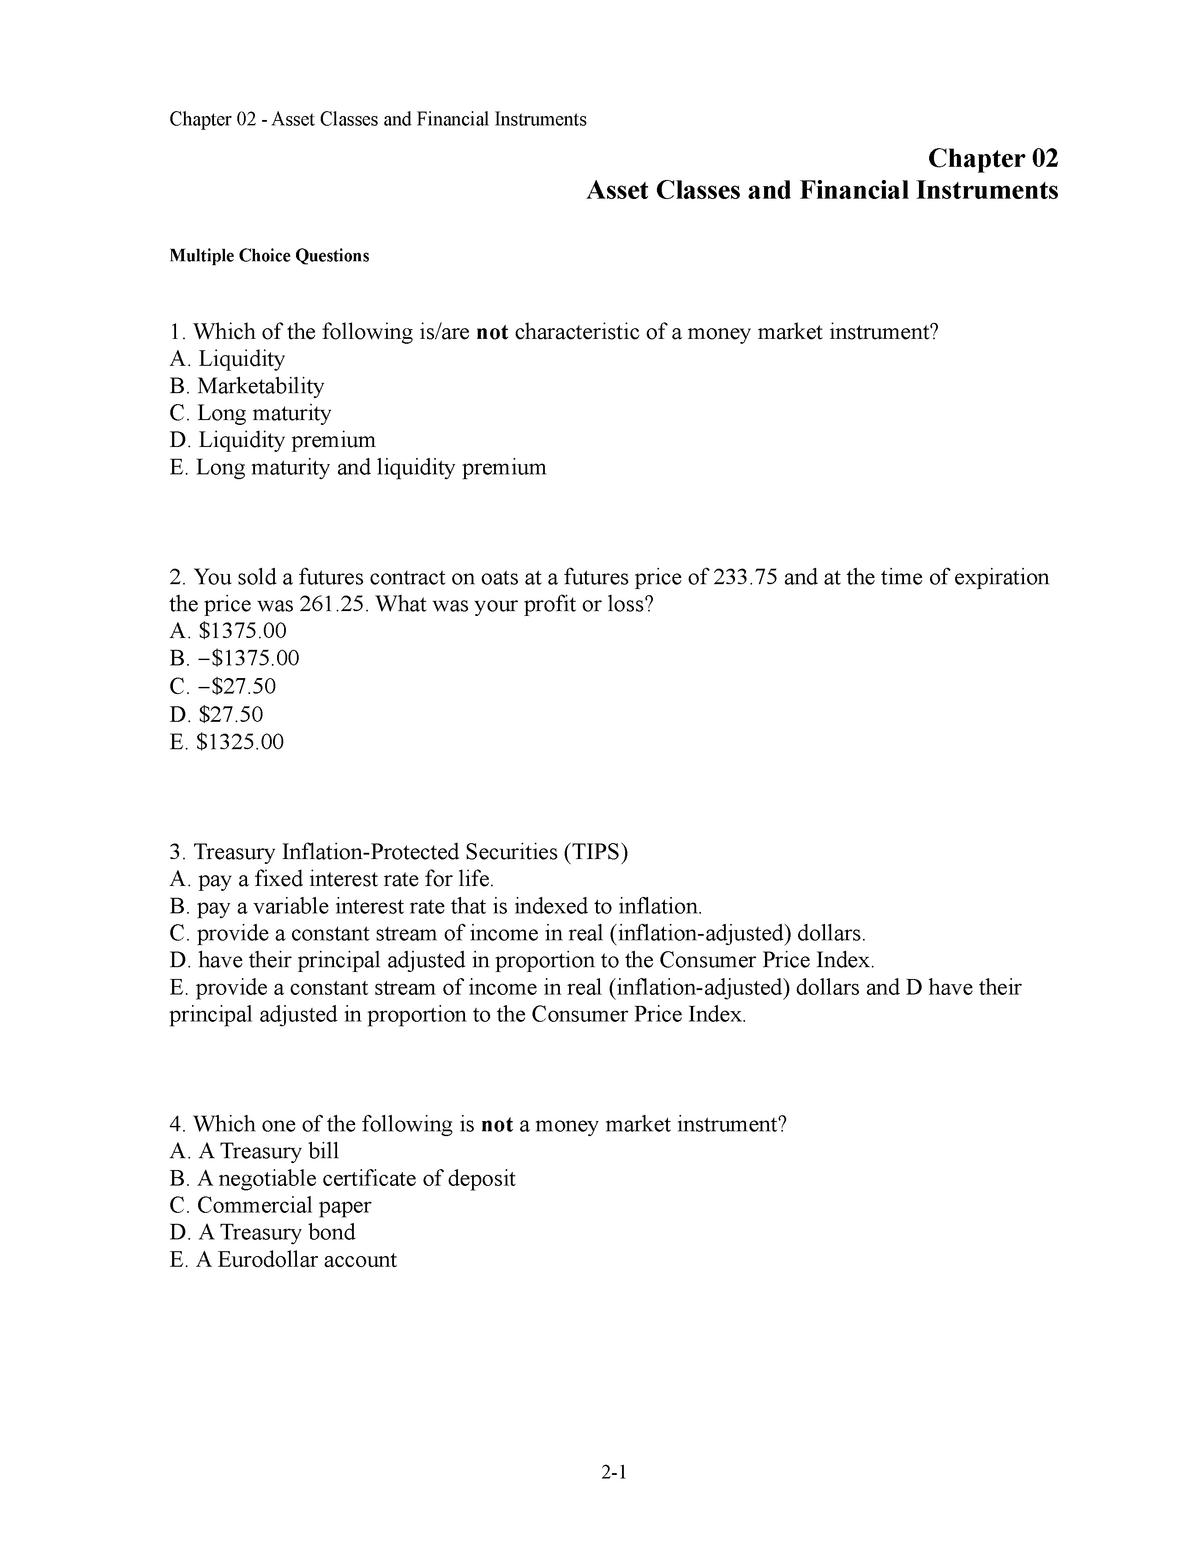 Finans quizlet Q - Finance 2 FE2103 - Stockholms Universitet